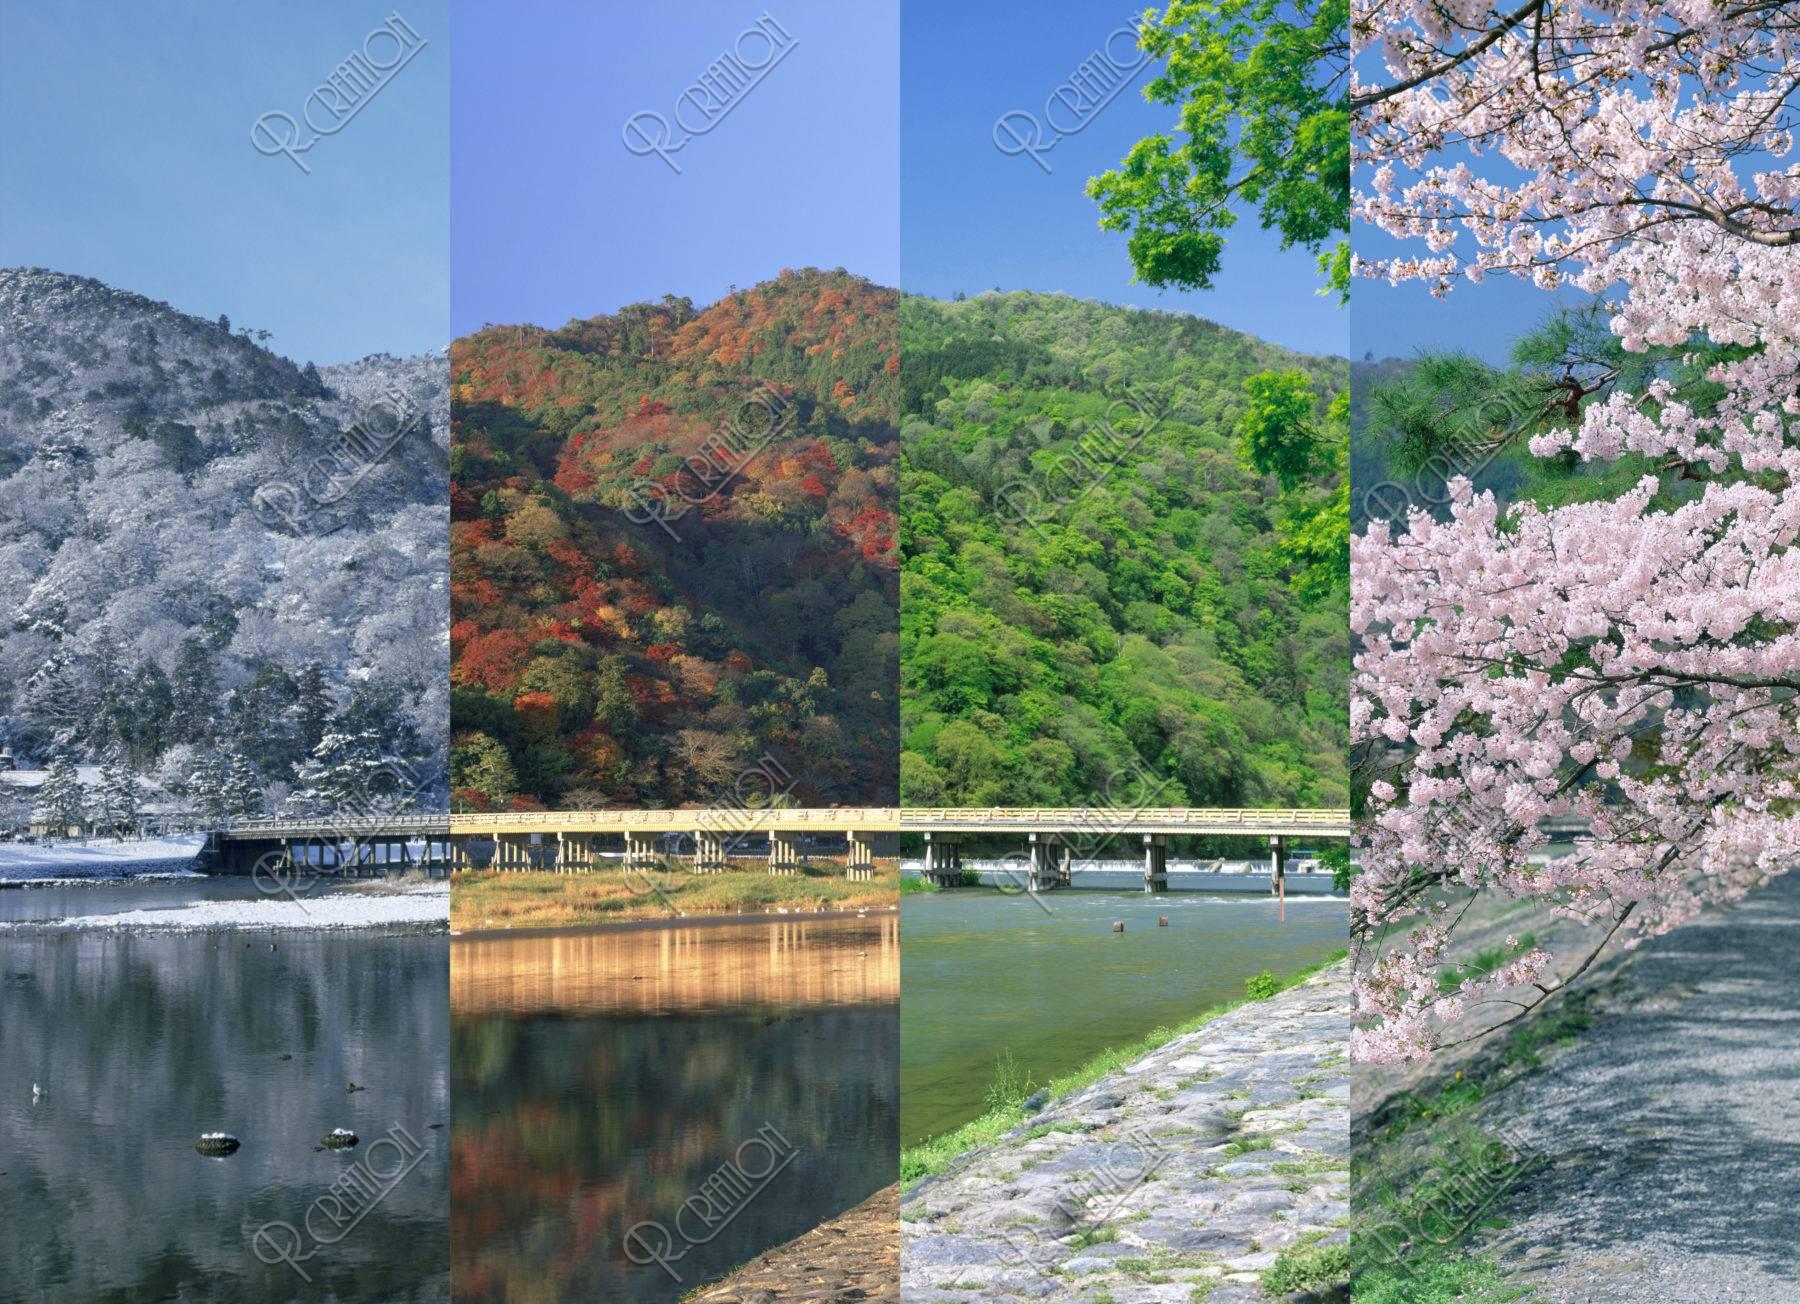 嵐山 渡月橋 春夏秋冬 合成 | ストックフォト | アールクリエーション